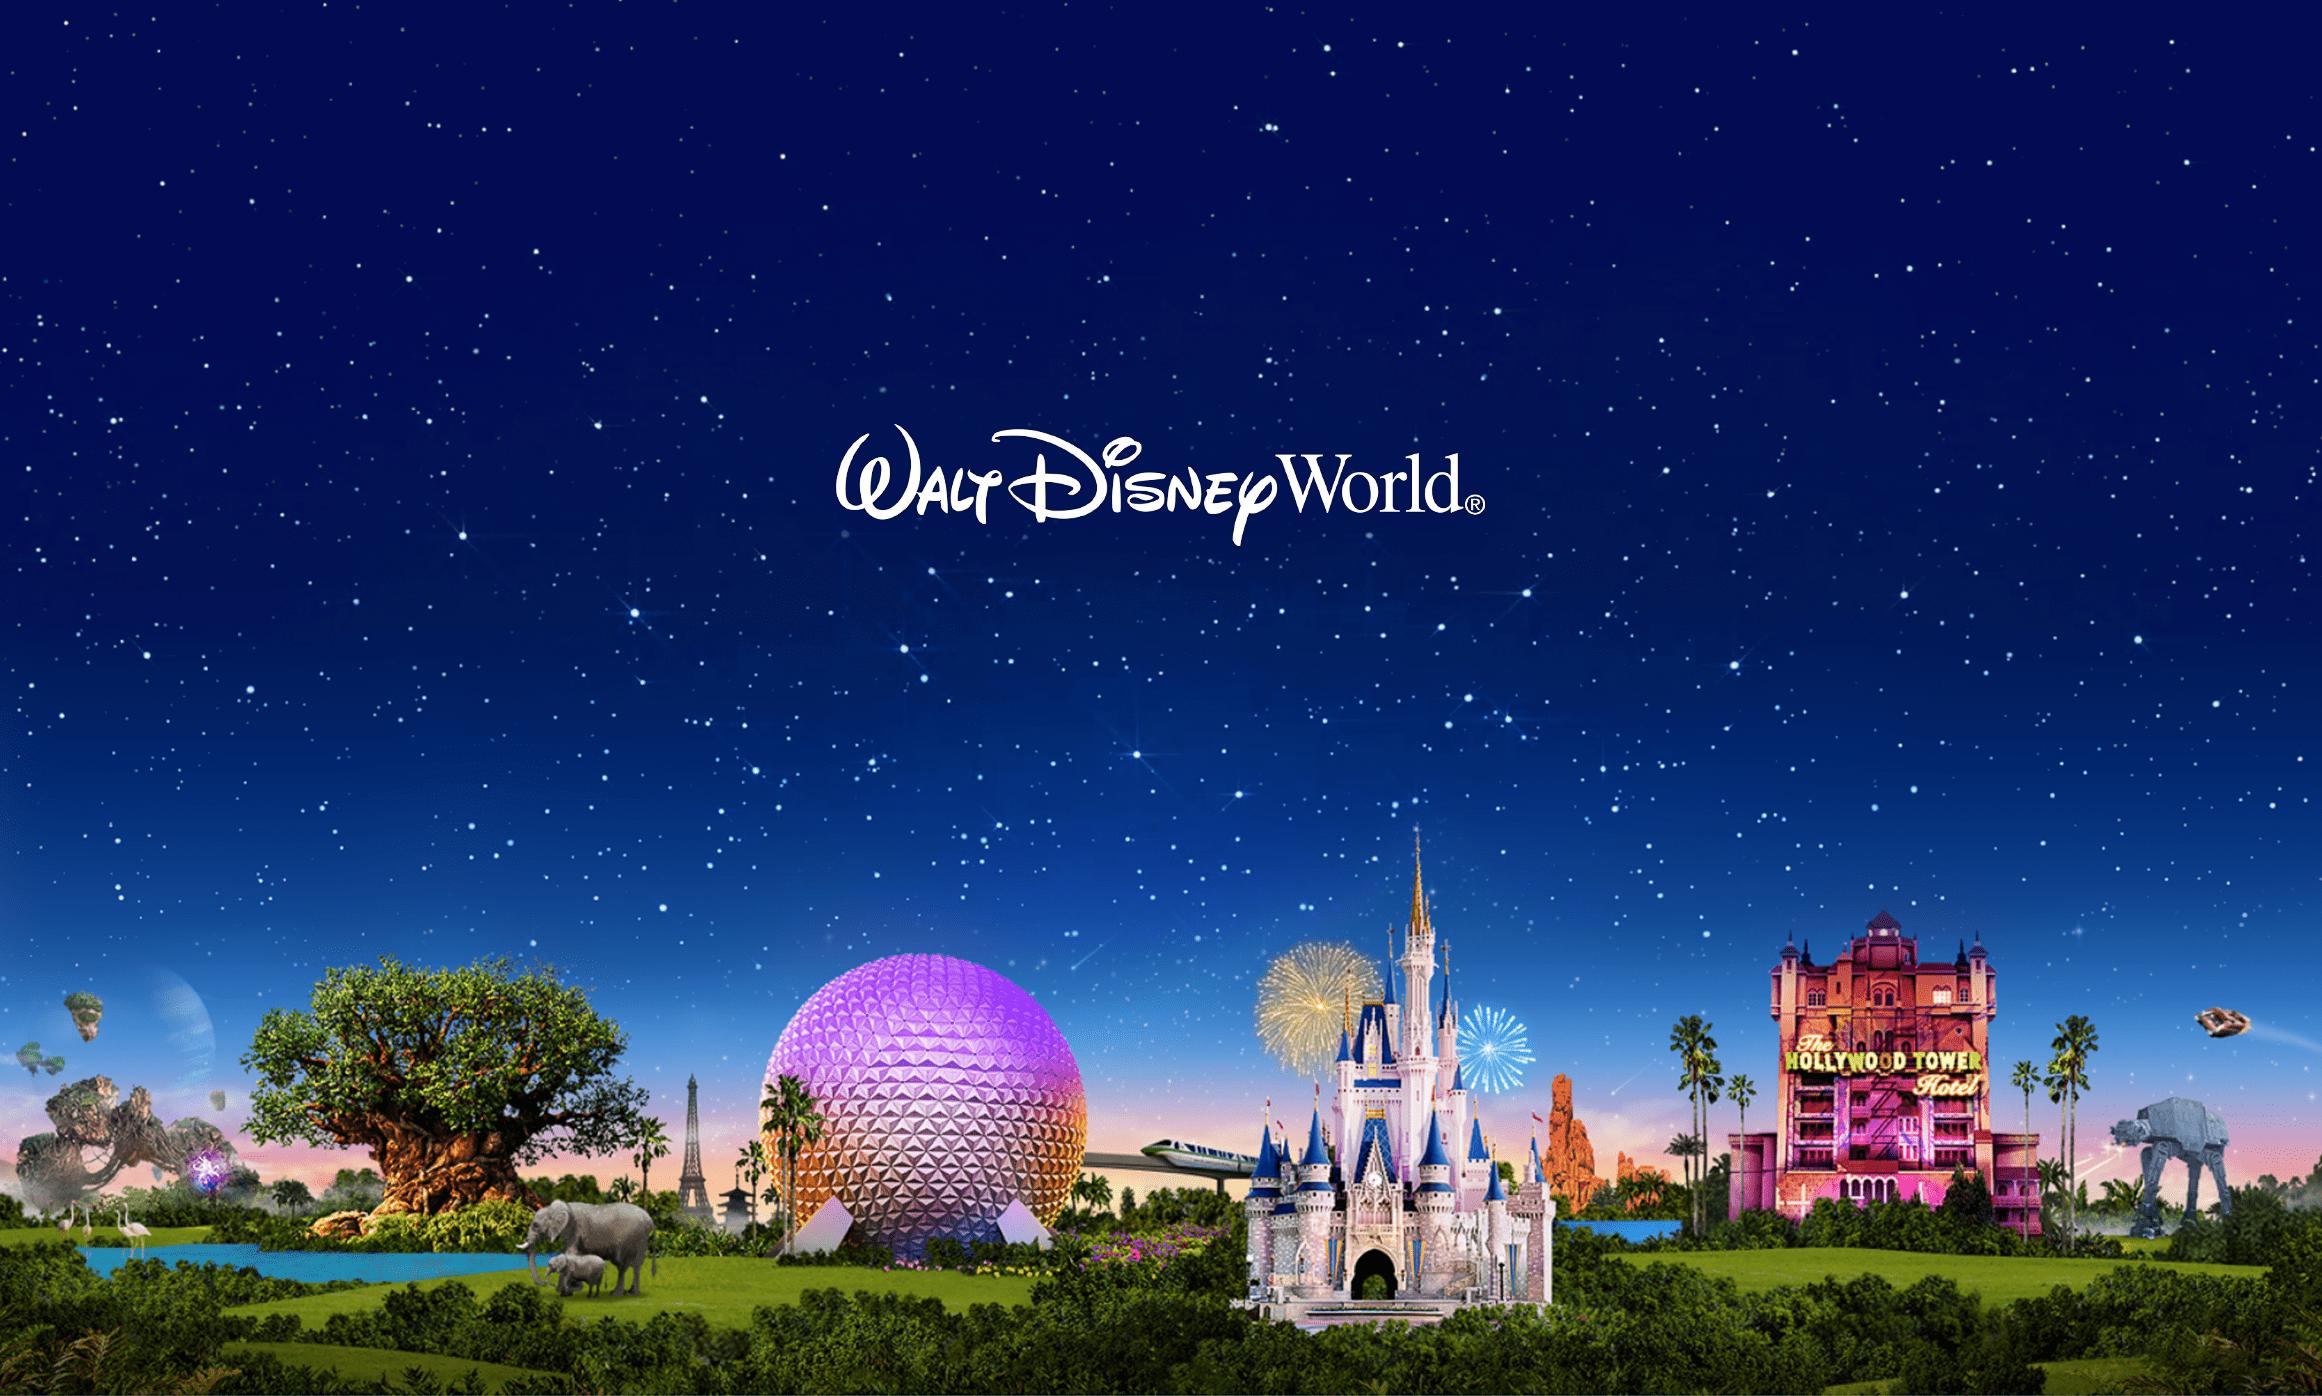 Walt Disney Desktop Wallpapers Top Free Walt Disney Desktop Backgrounds Wallpaperaccess